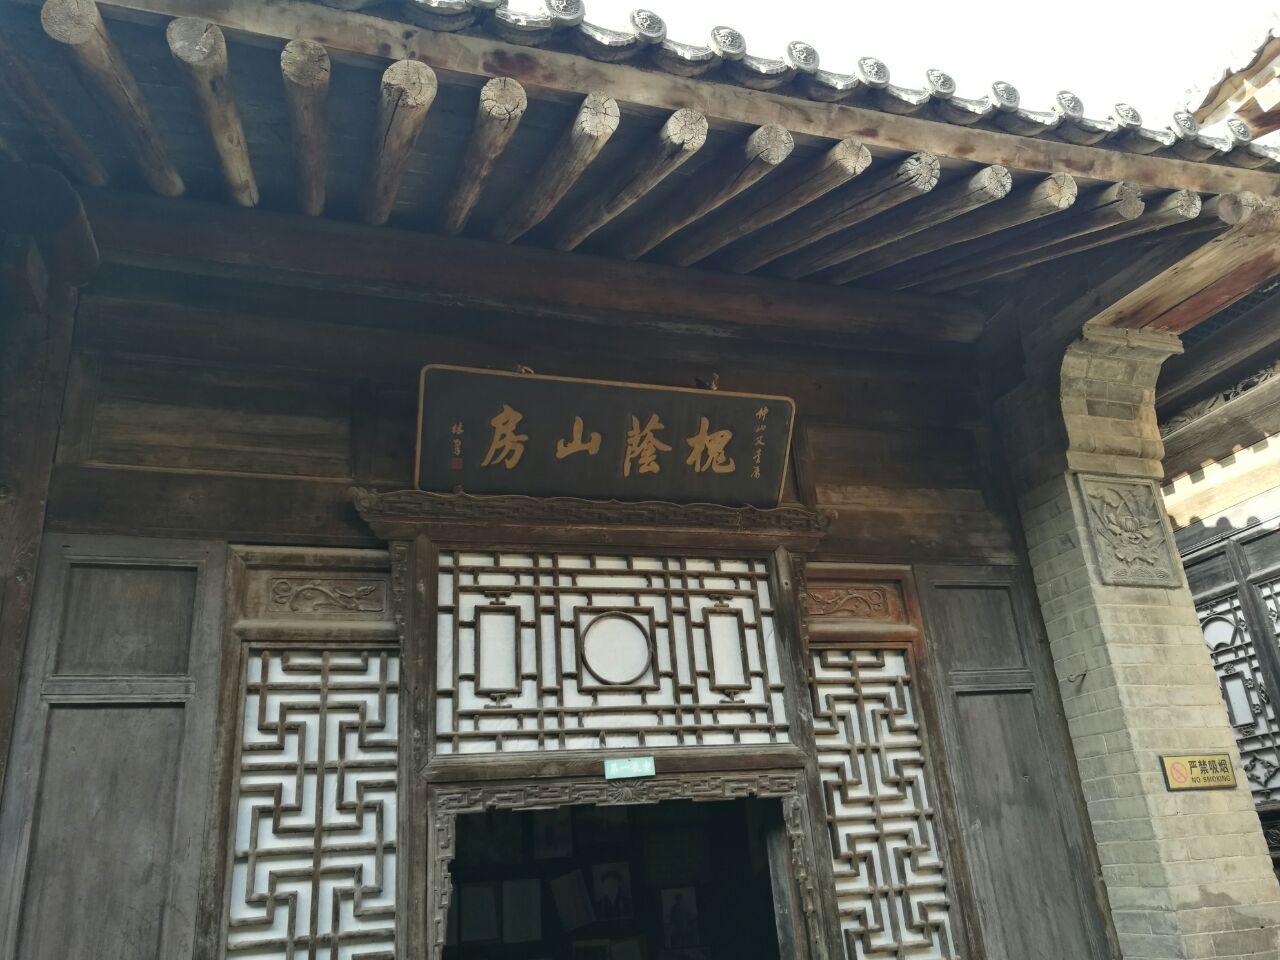 Shaanxi Pucheng Linzexu Memorial Hall